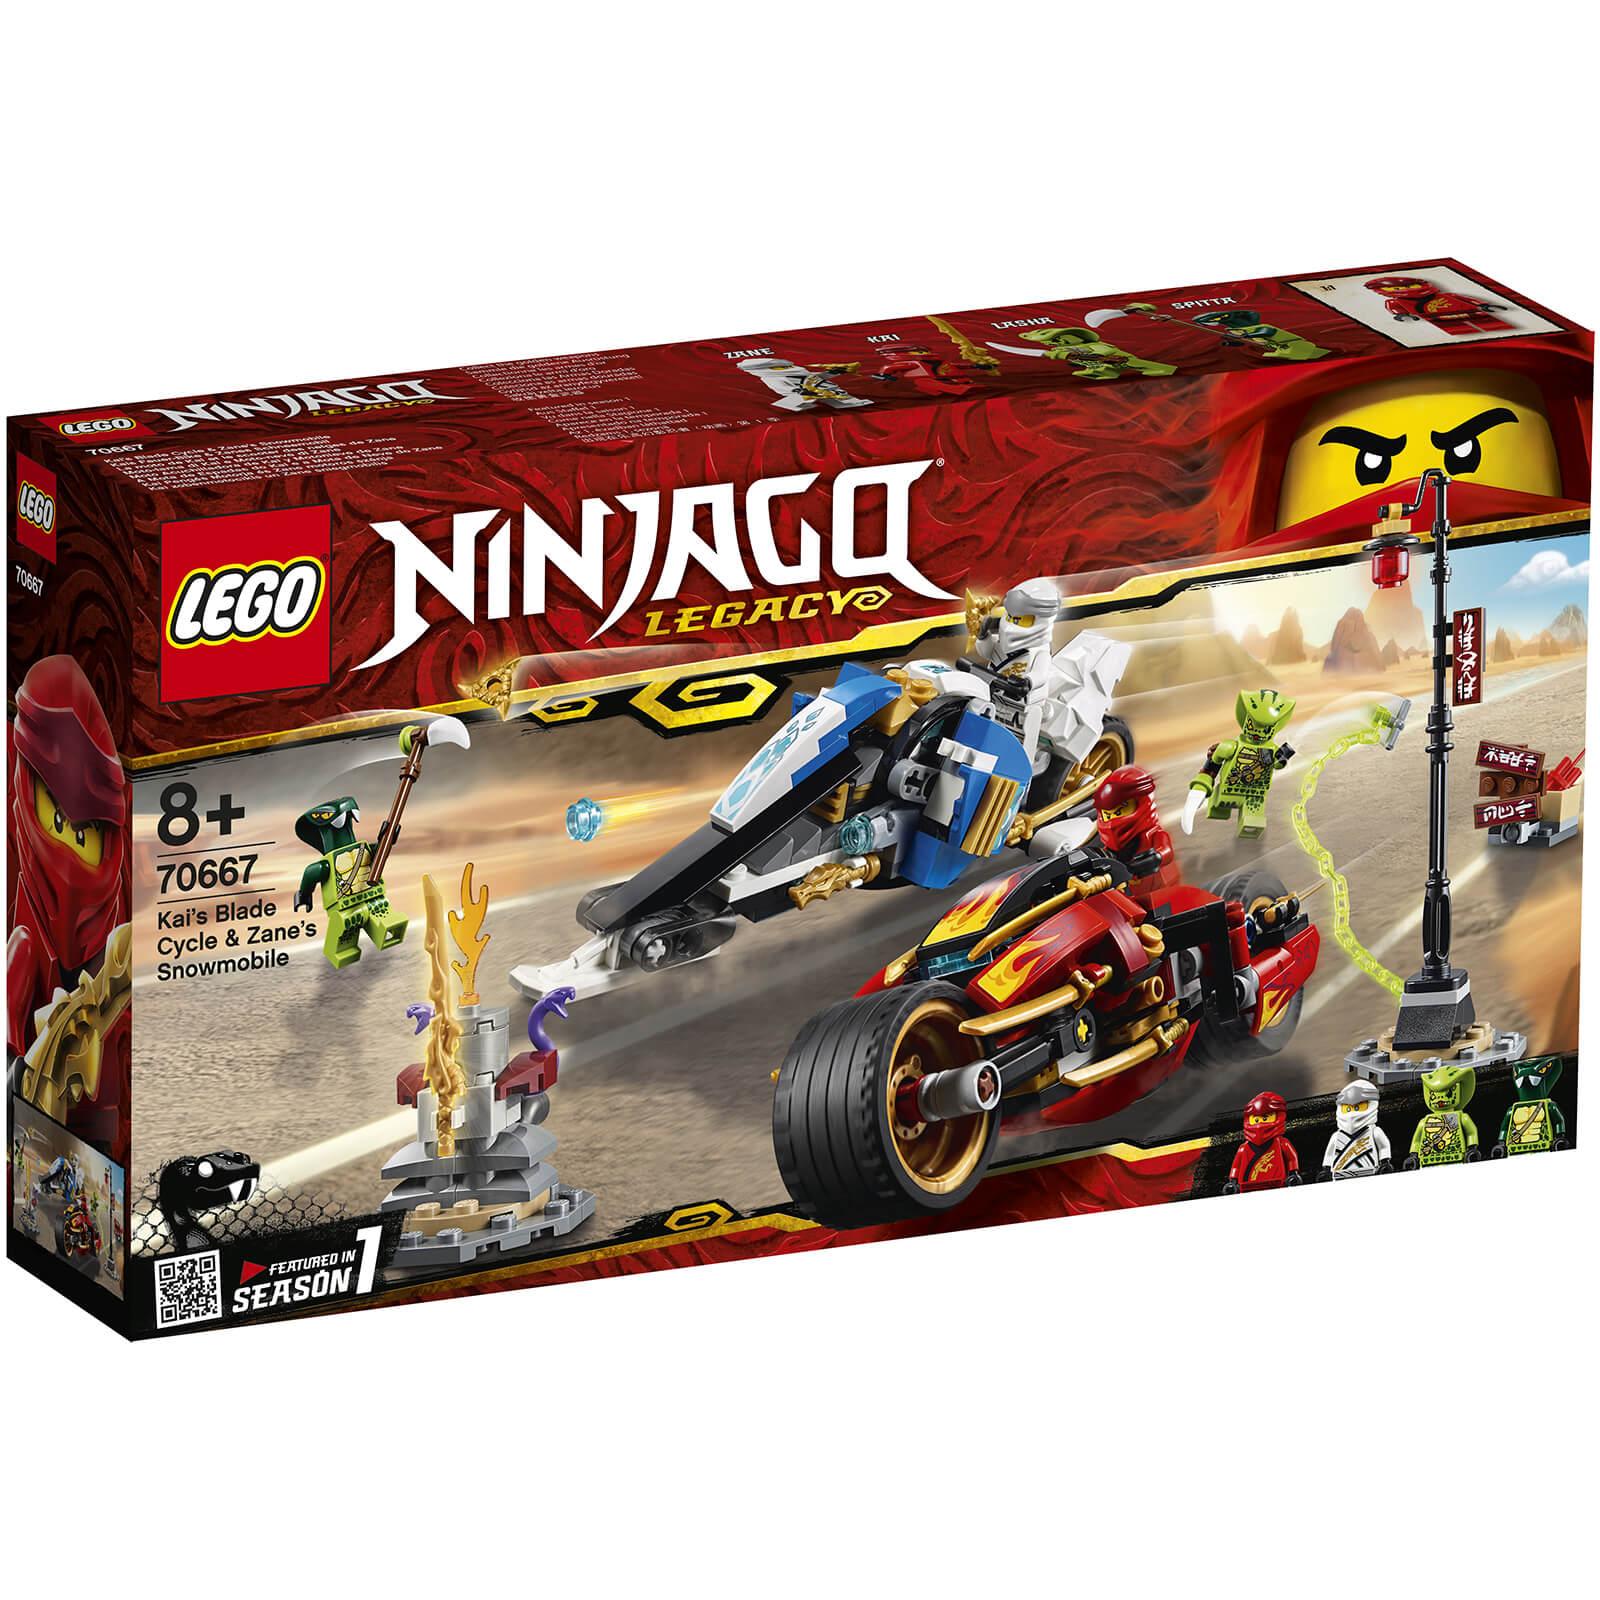 Lego Ninjago: Kai's Blade Cycle and Zane's Snowmobile (70667)